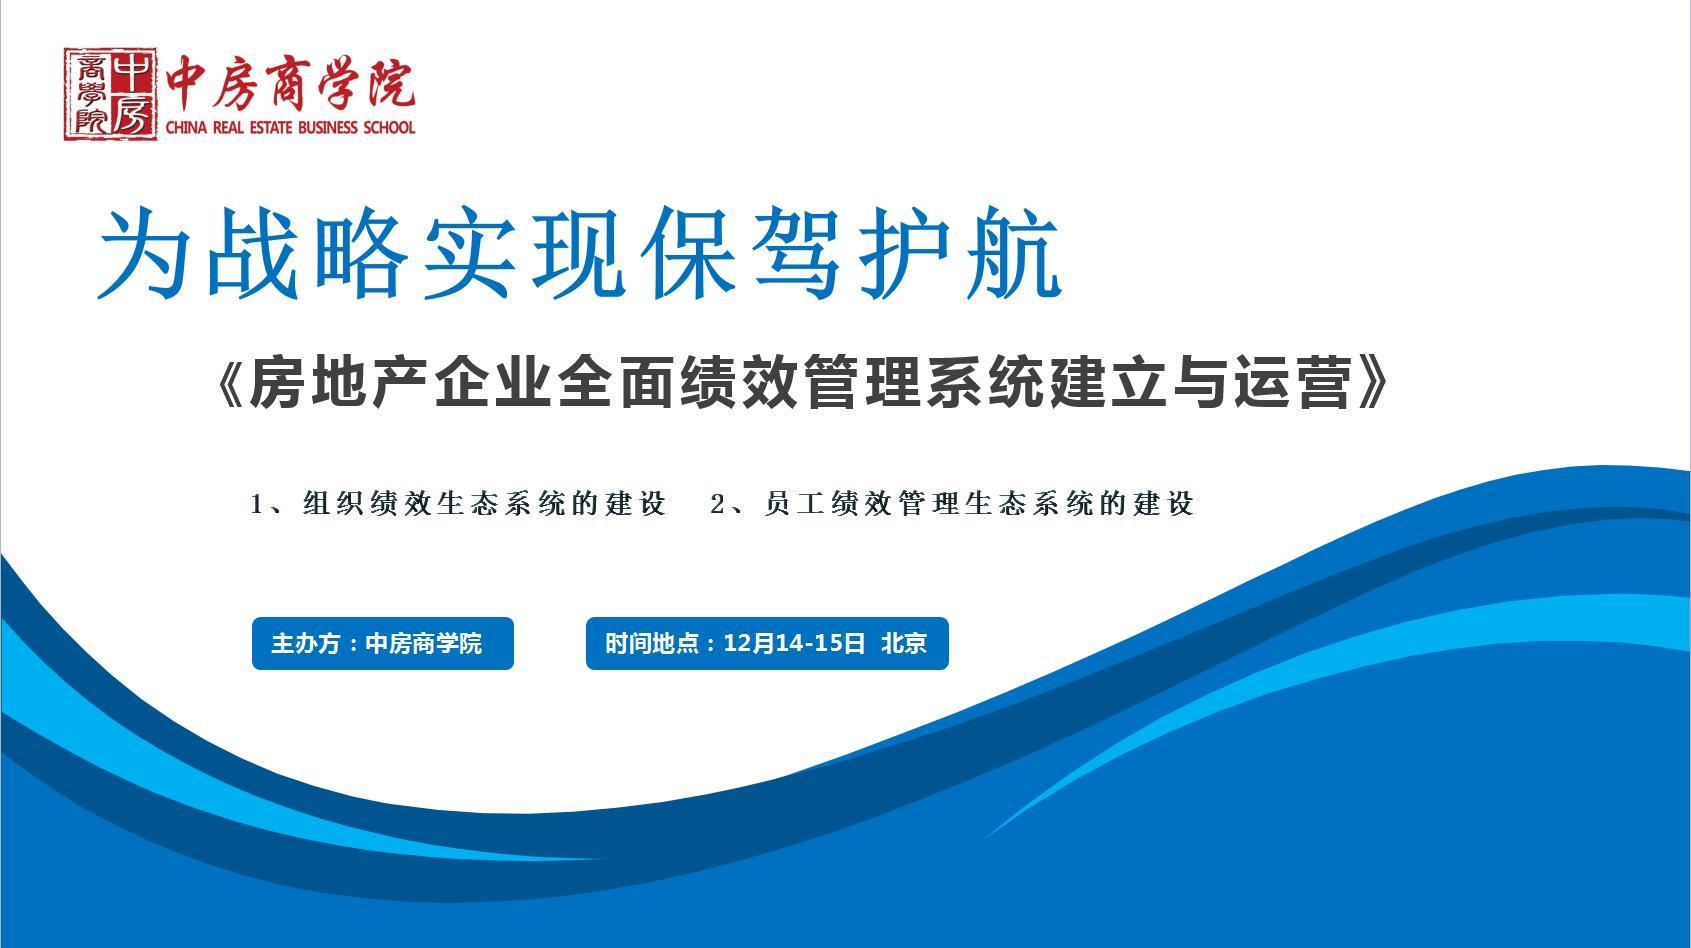 【北京】《为战略实现保驾护航:房地产企业全面绩效管理系统建立与运营》(12月14-15日)